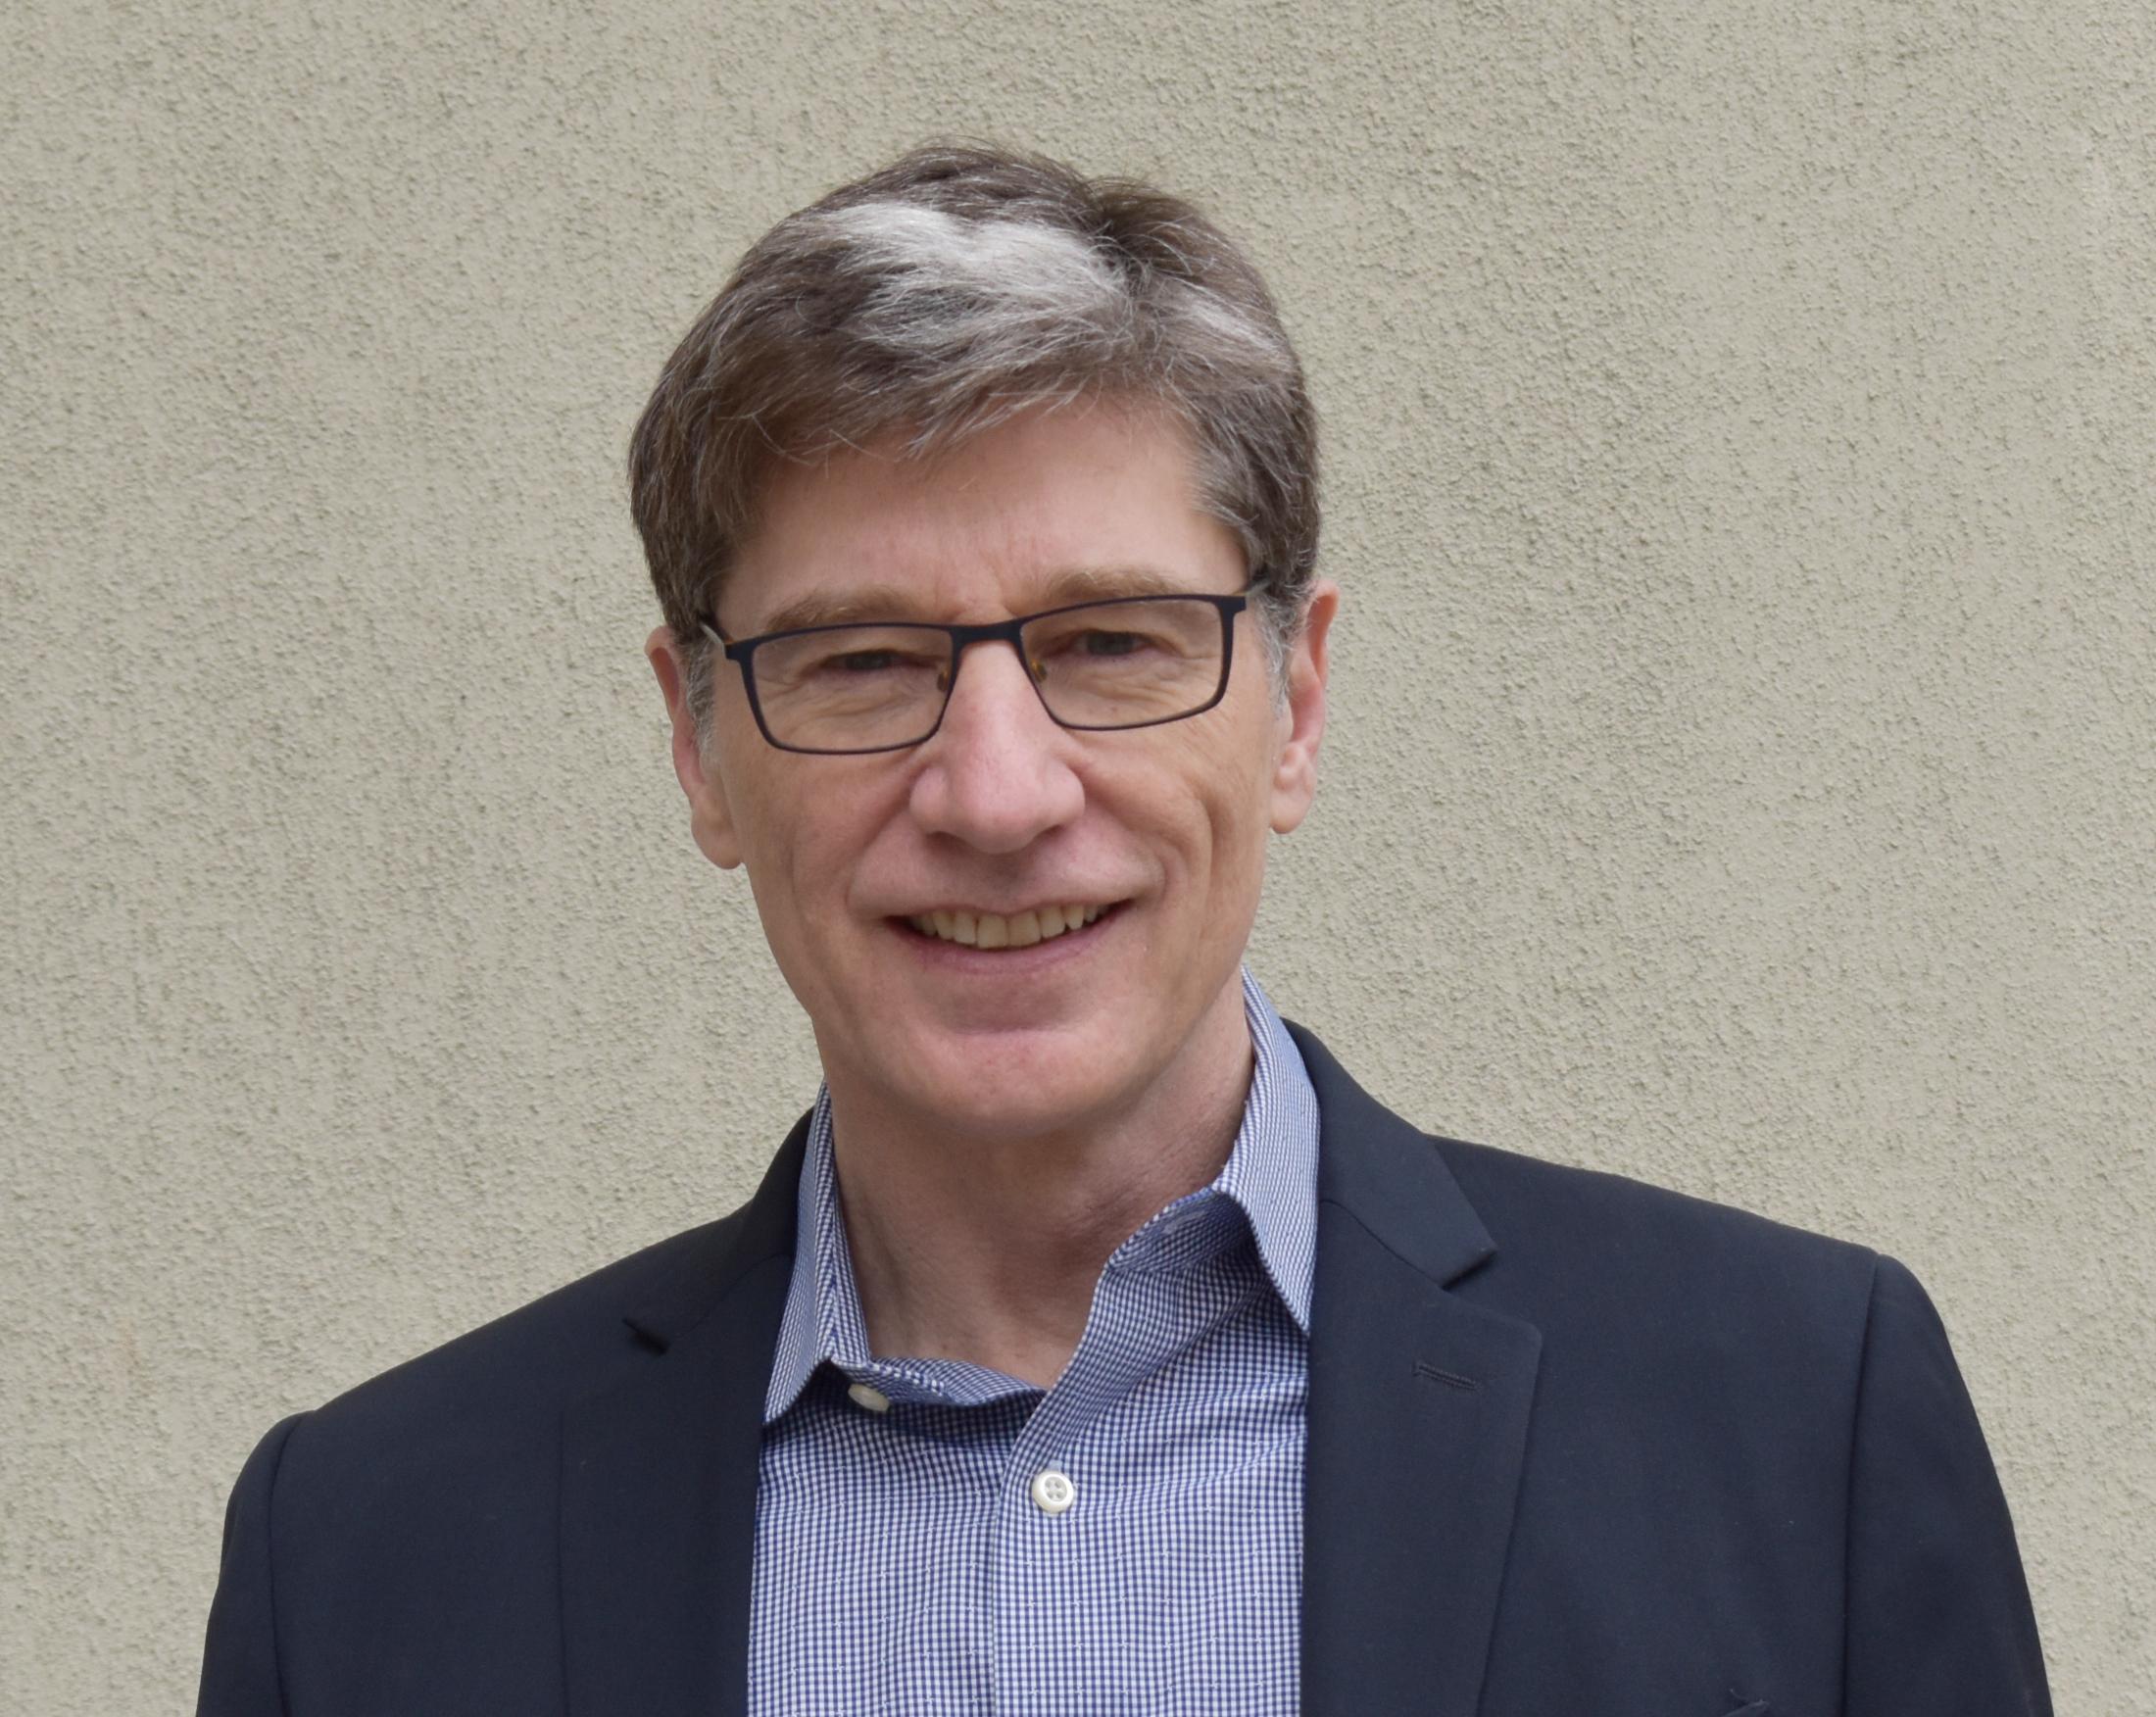 Anthony VanDuzer